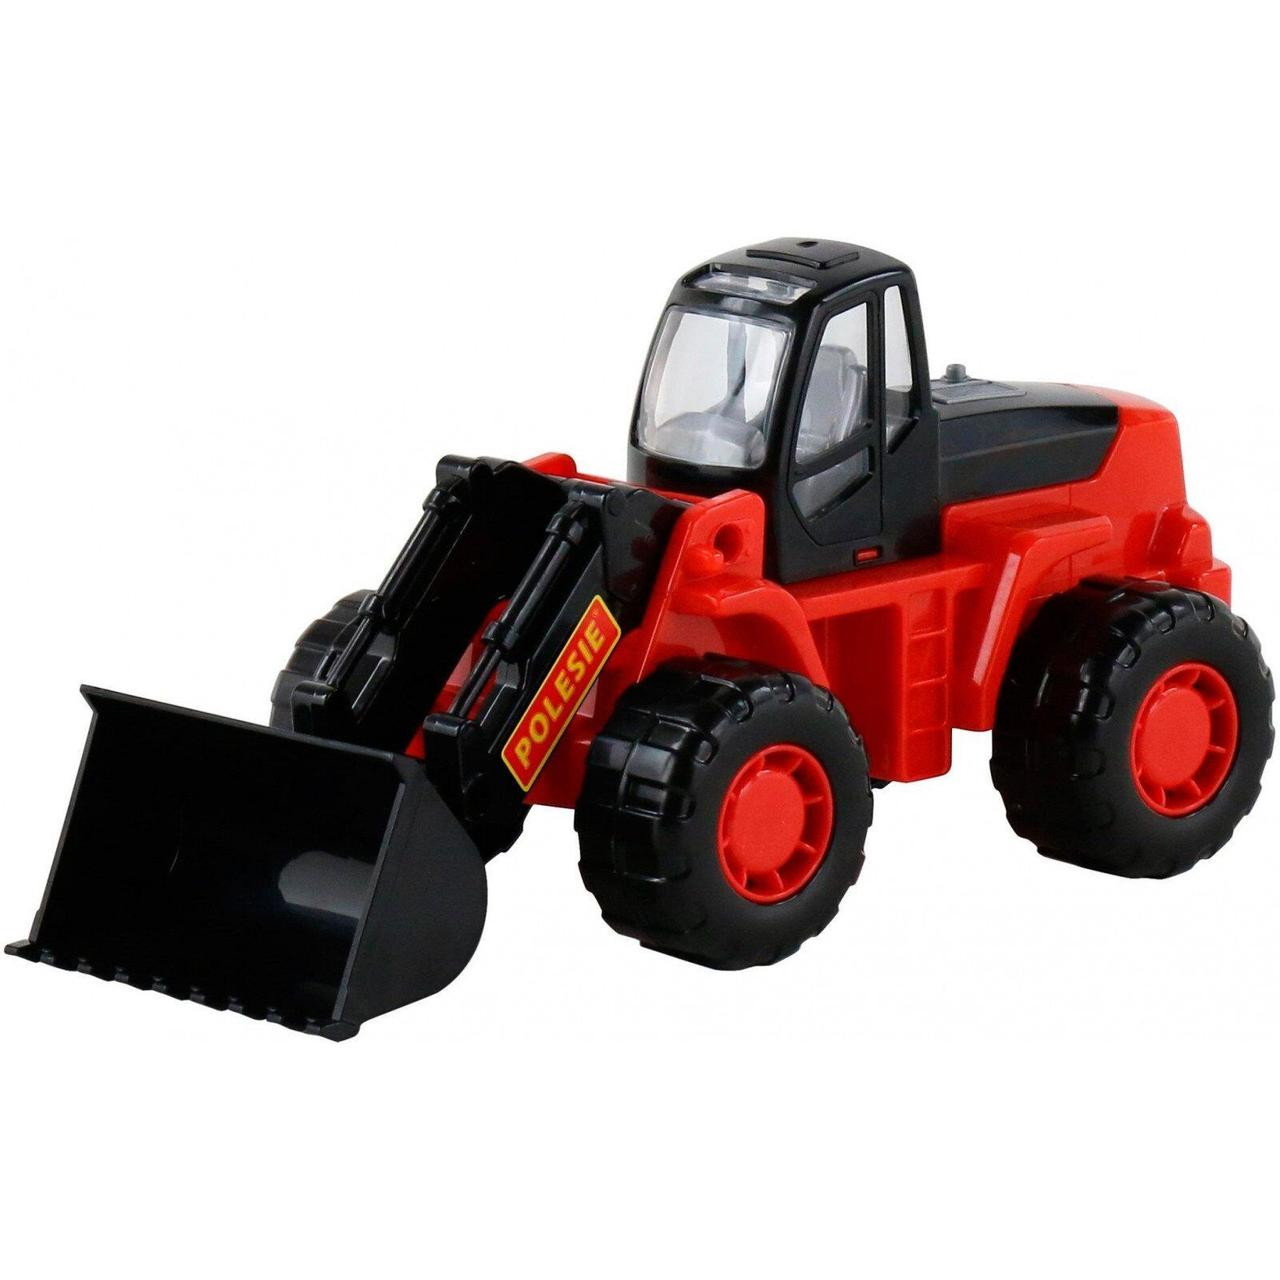 """Игрушка Polesie """"Умелец"""", трактор-погрузчик черно-красный (36940-4)"""